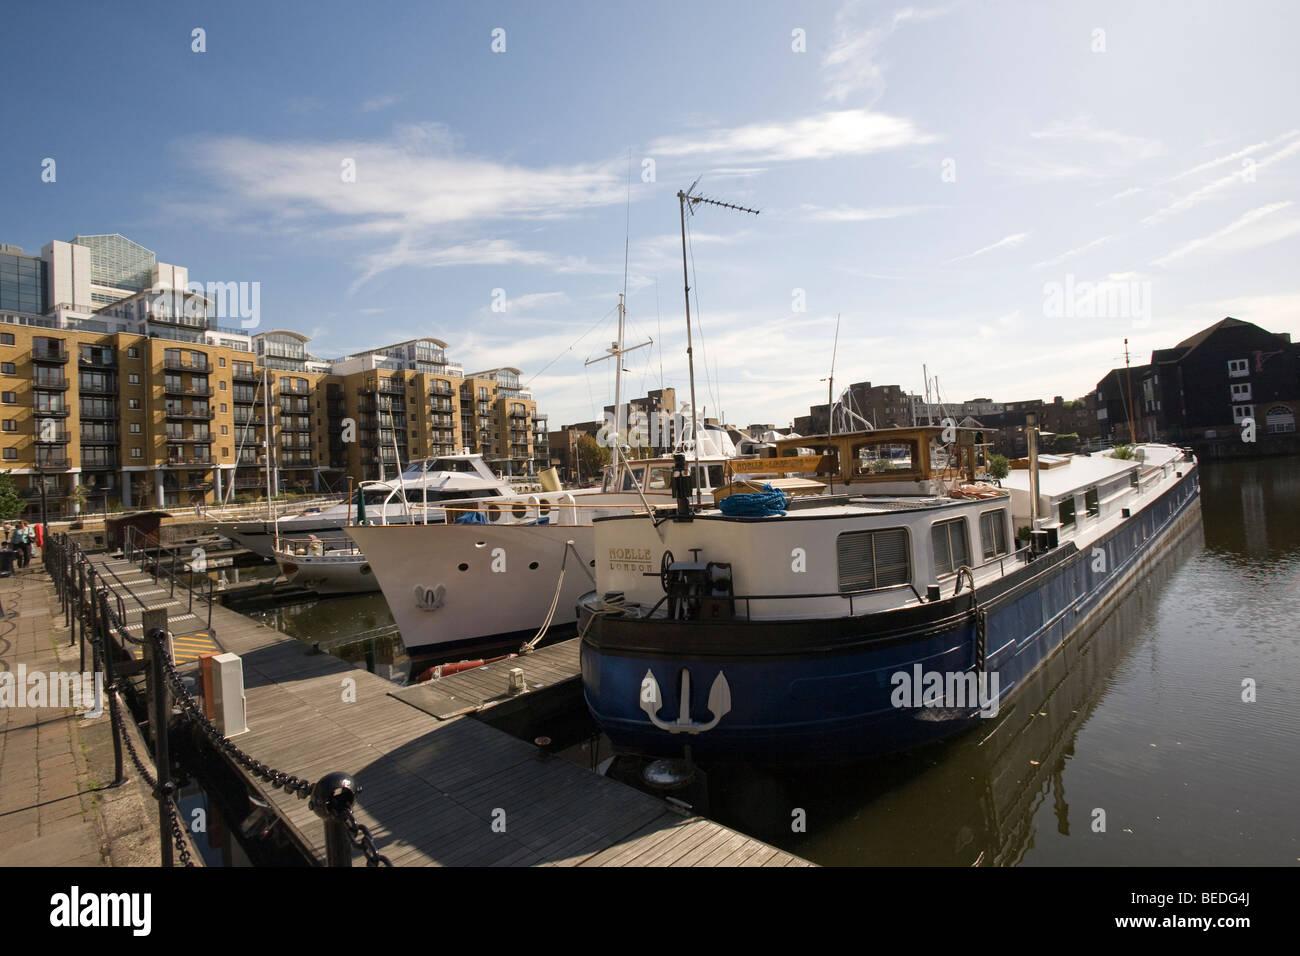 St Katharine's Dock Marina London GB UK - Stock Image